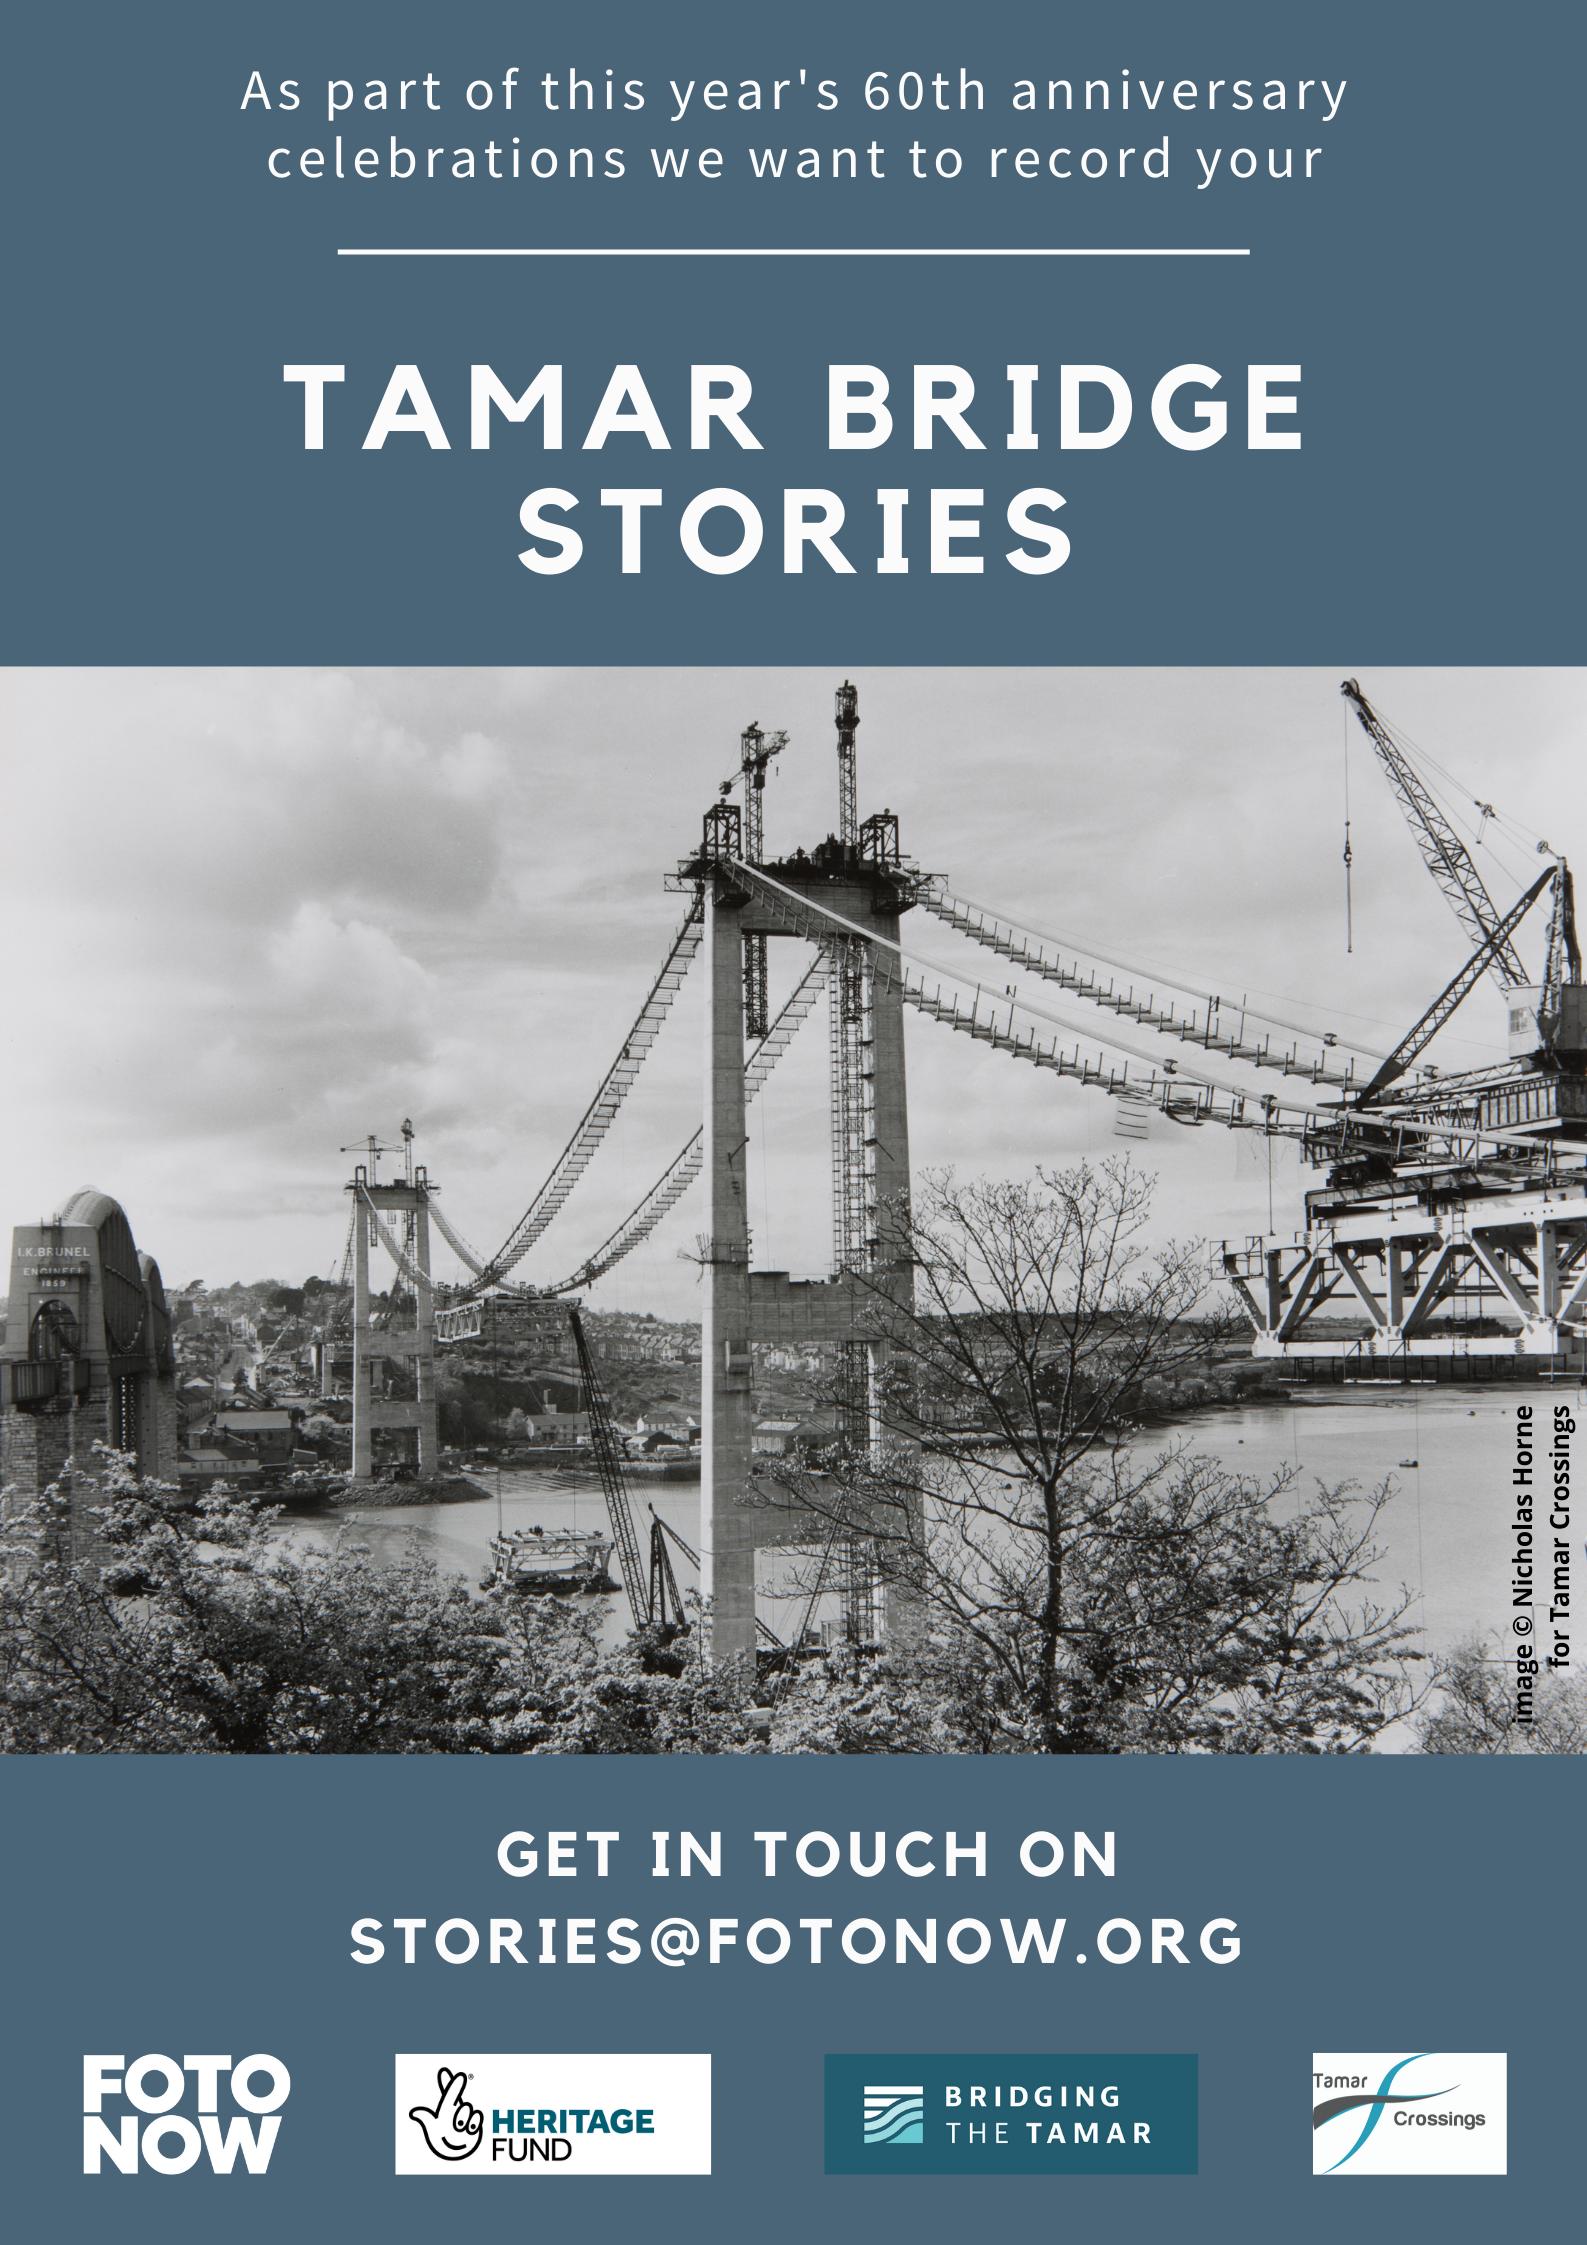 TamarBridgeStories